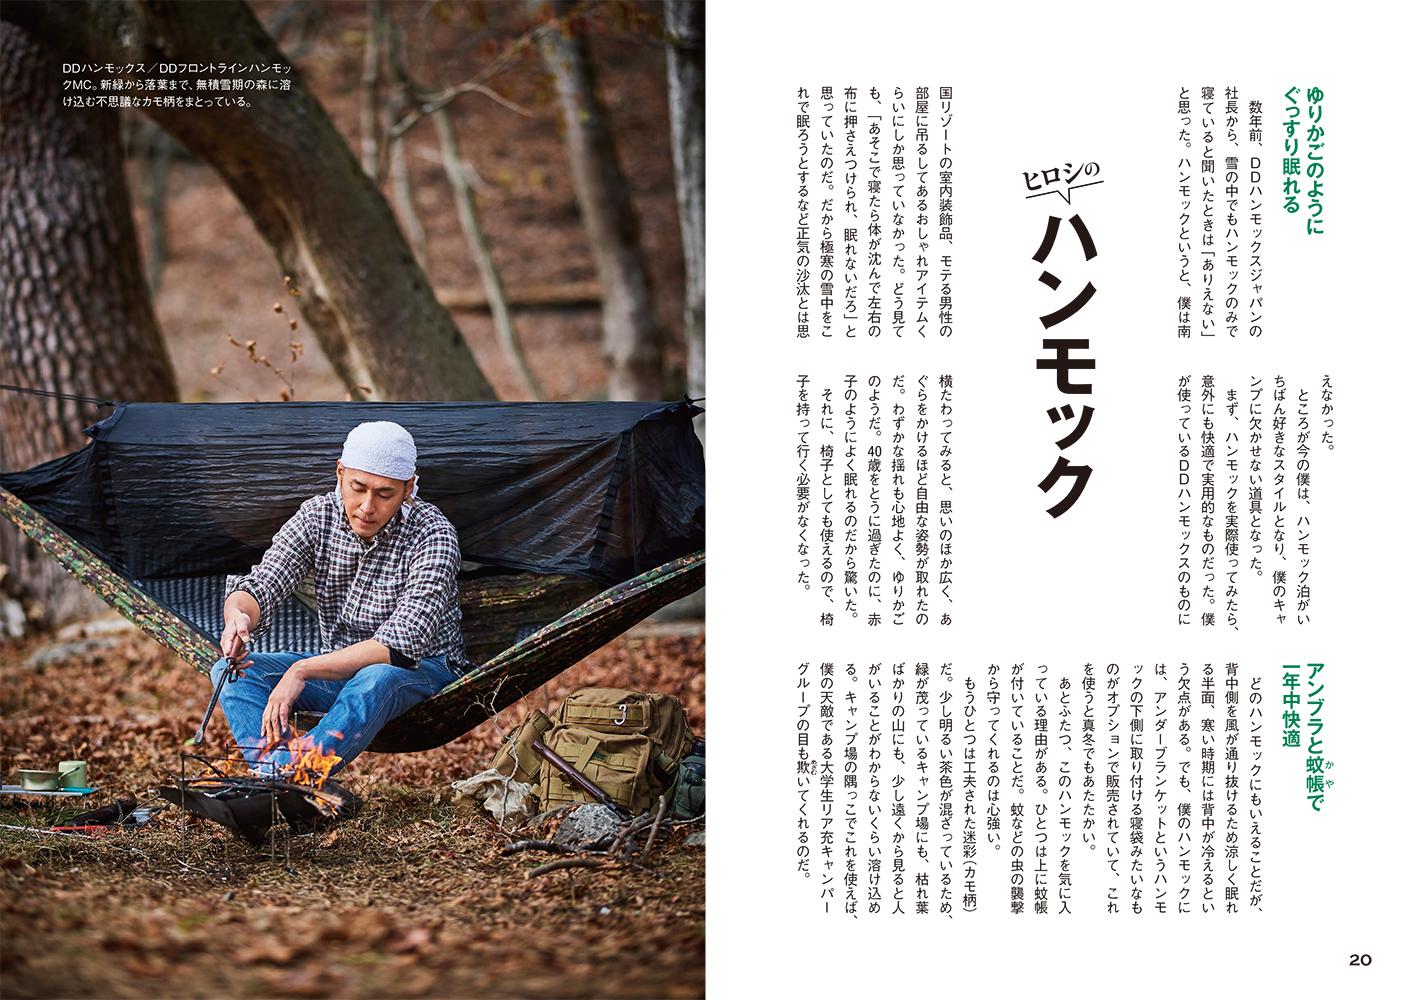 「テント、ハンモックから火器、刃物、調理器具まで、こだわりのキャンプ道具を紹介」紙面